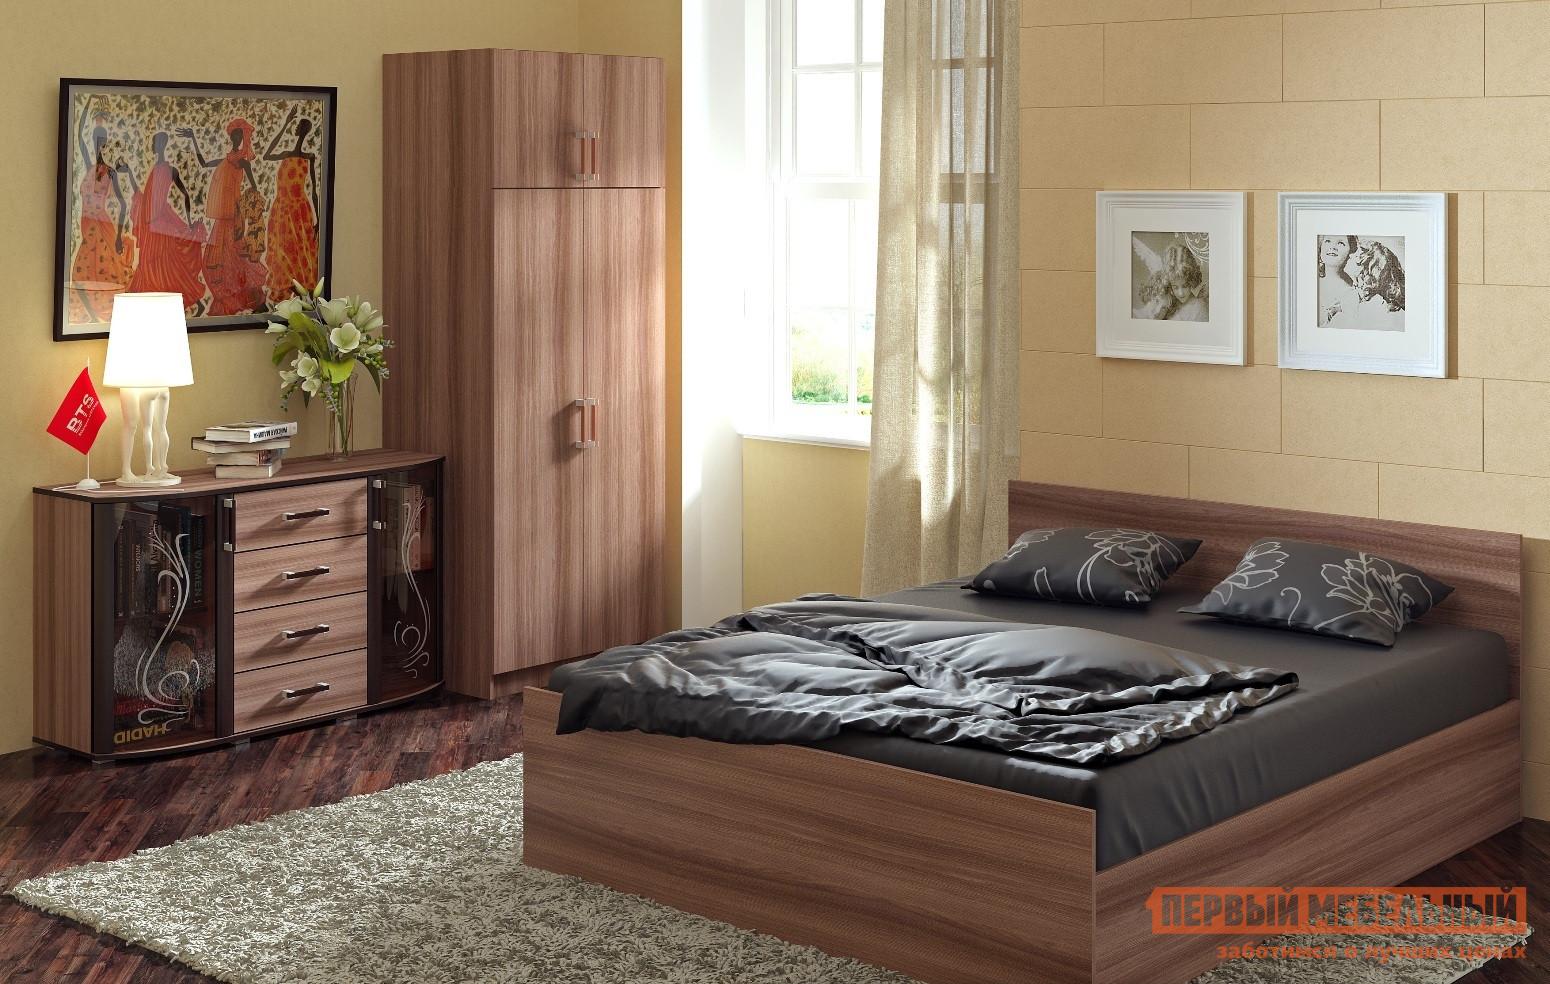 Спальный гарнитур Первый Мебельный Спальня Комфорт, ясень/шимо спальный гарнитур мартина беж в спб